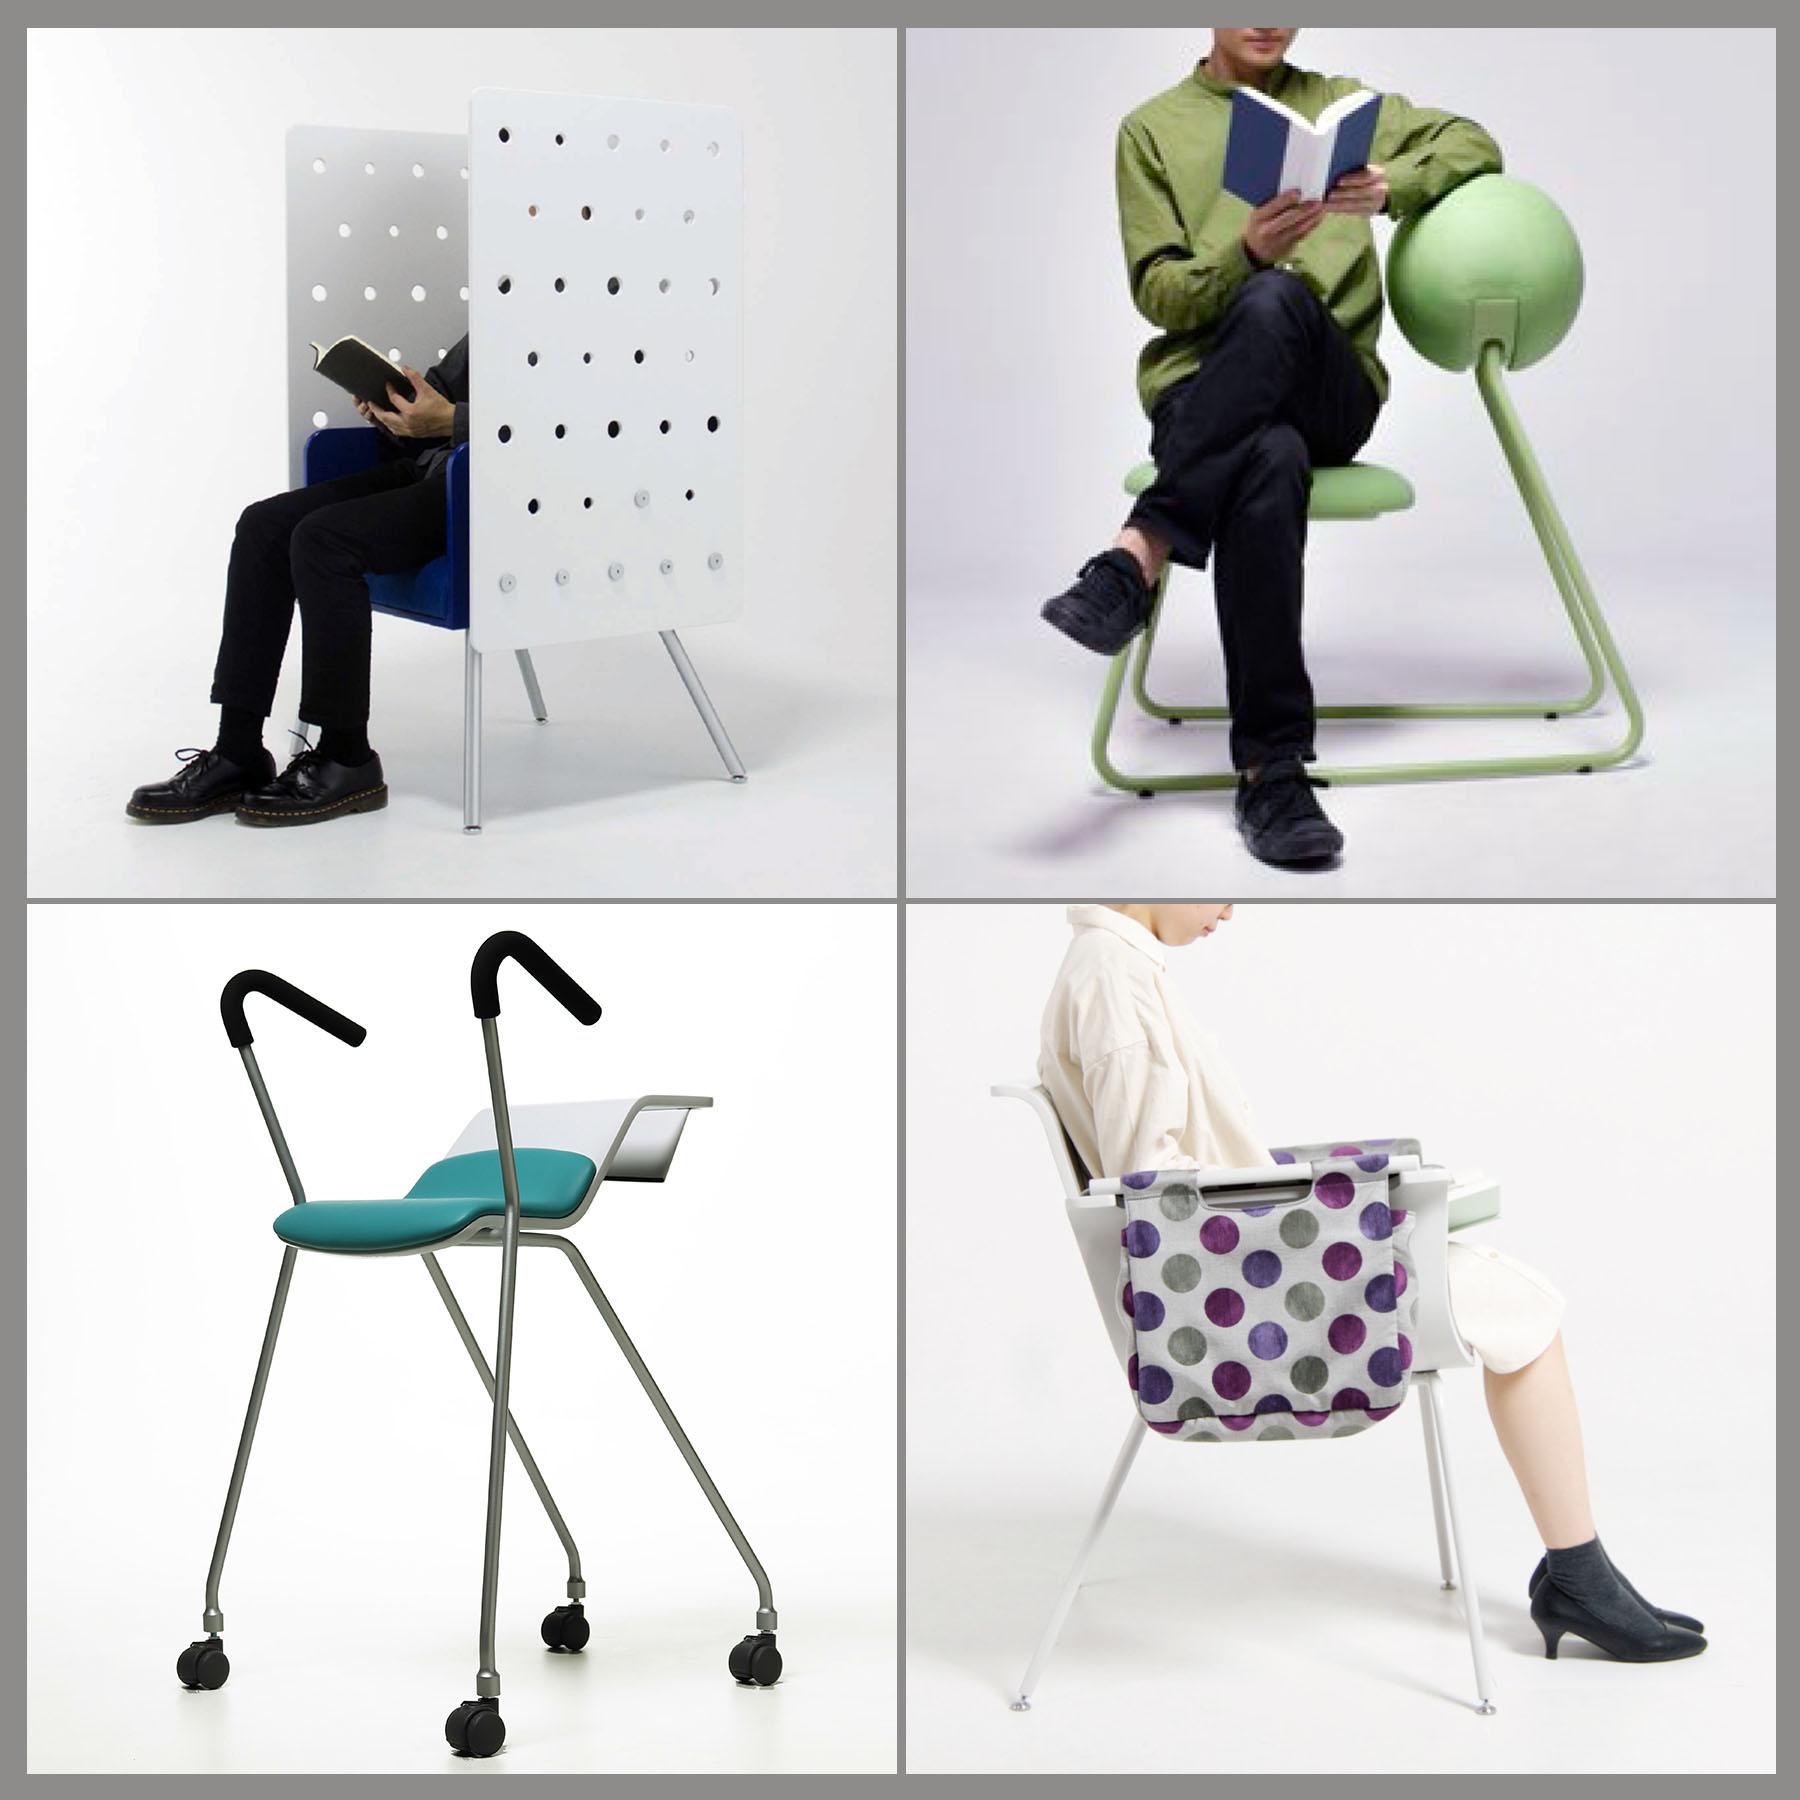 製品デザイン専攻・根来准教授の授業課題「図書館で過ごす時間を豊かにする椅子」 が国立国会図書館のカレントアウェアネス・ポータルに掲載されました。